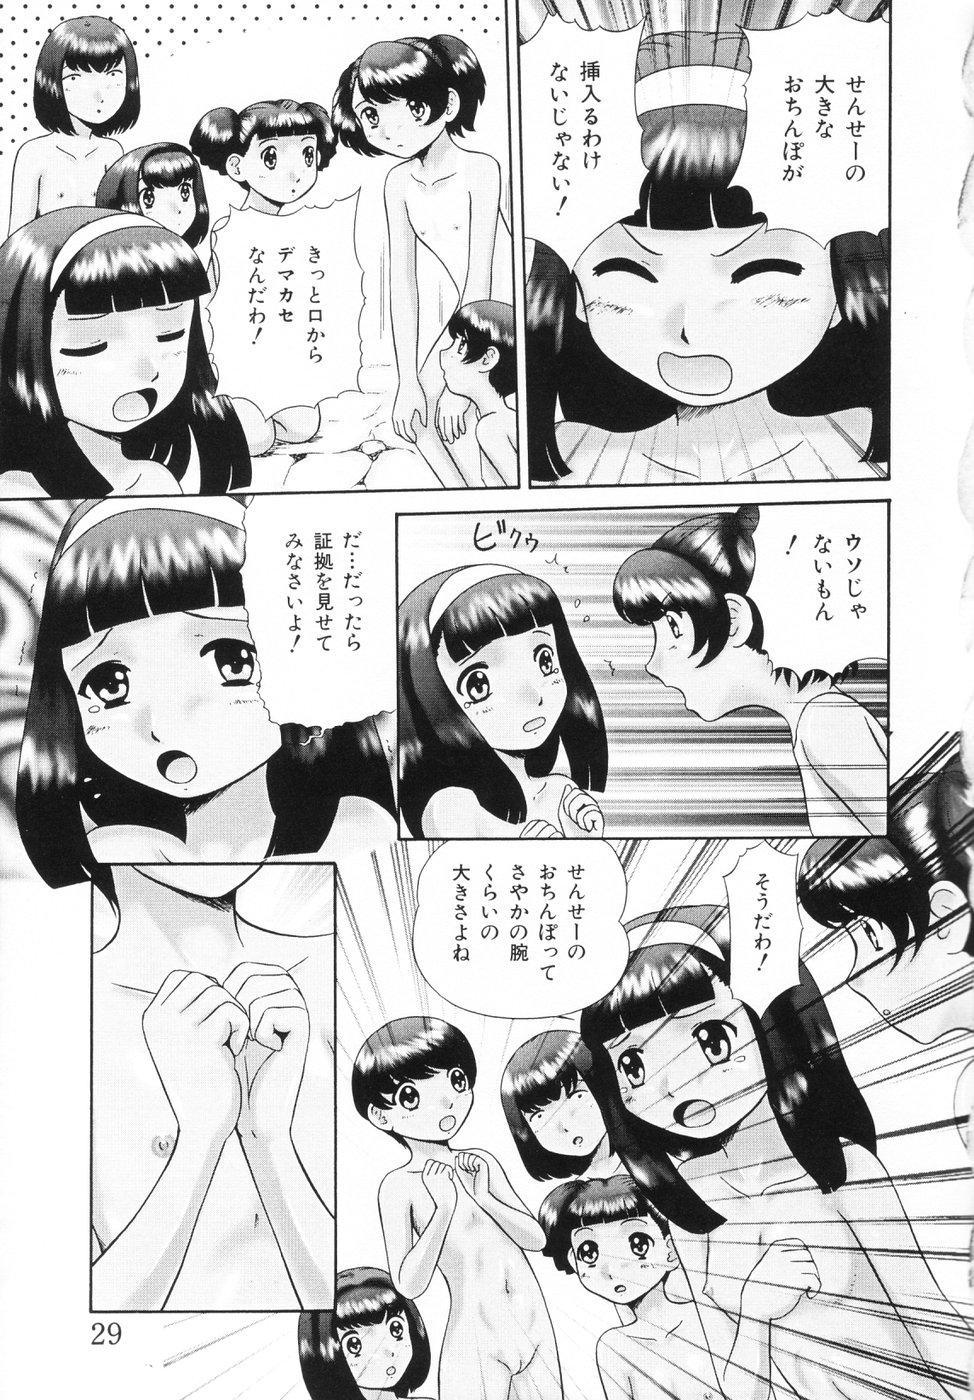 Koneko Genki!! - Powerful Pussycat!! 30